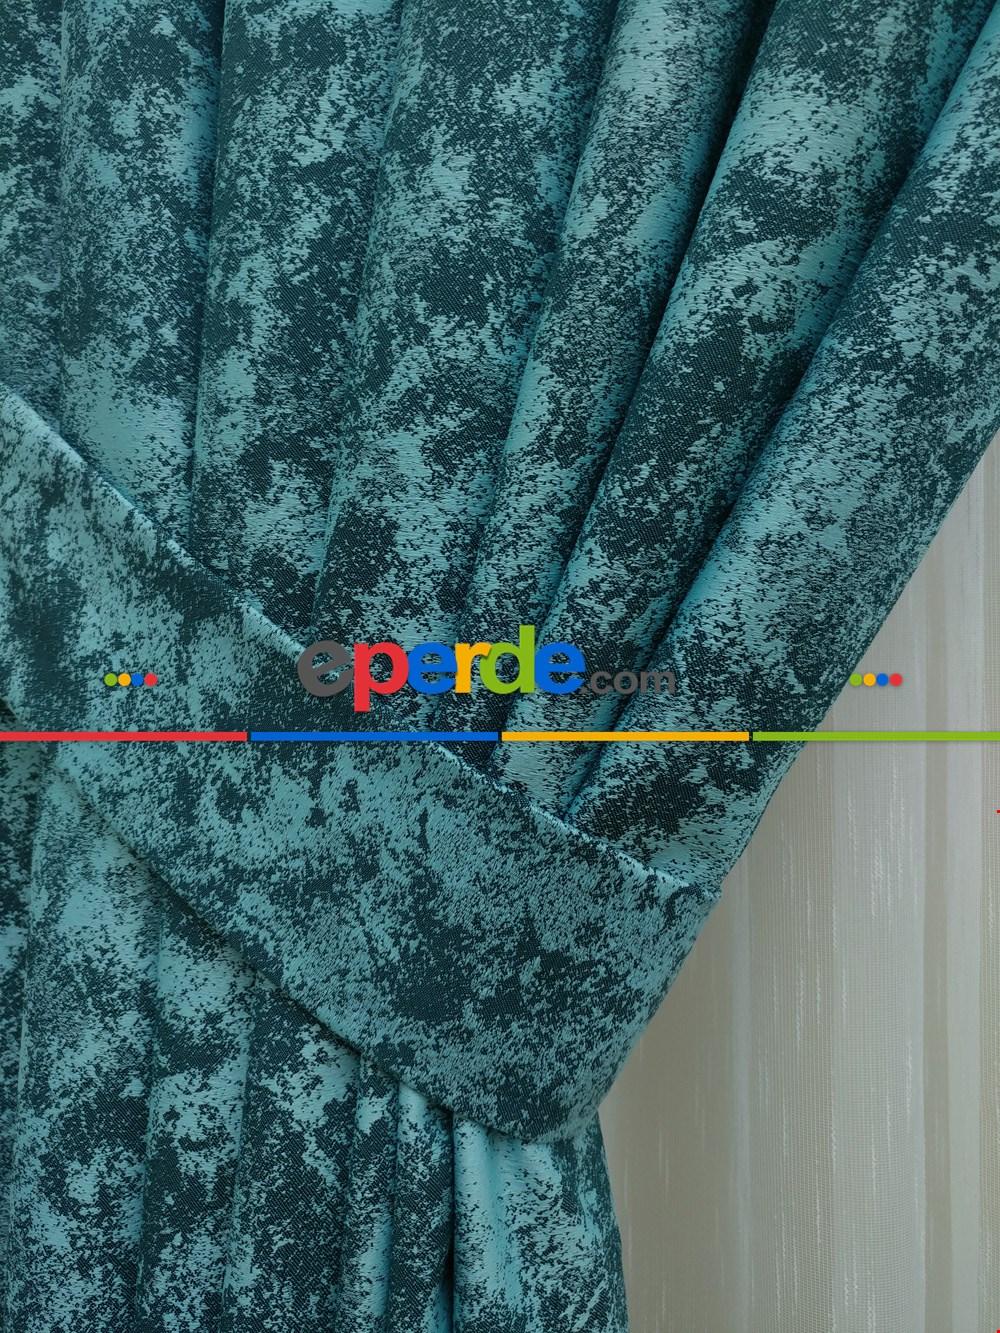 Bulut Mat Jakar Dokuma Fon Pudra Pembe - Krem Antrasit 2018 Home Collectıon Lacivert - Turkuaz Mavisi